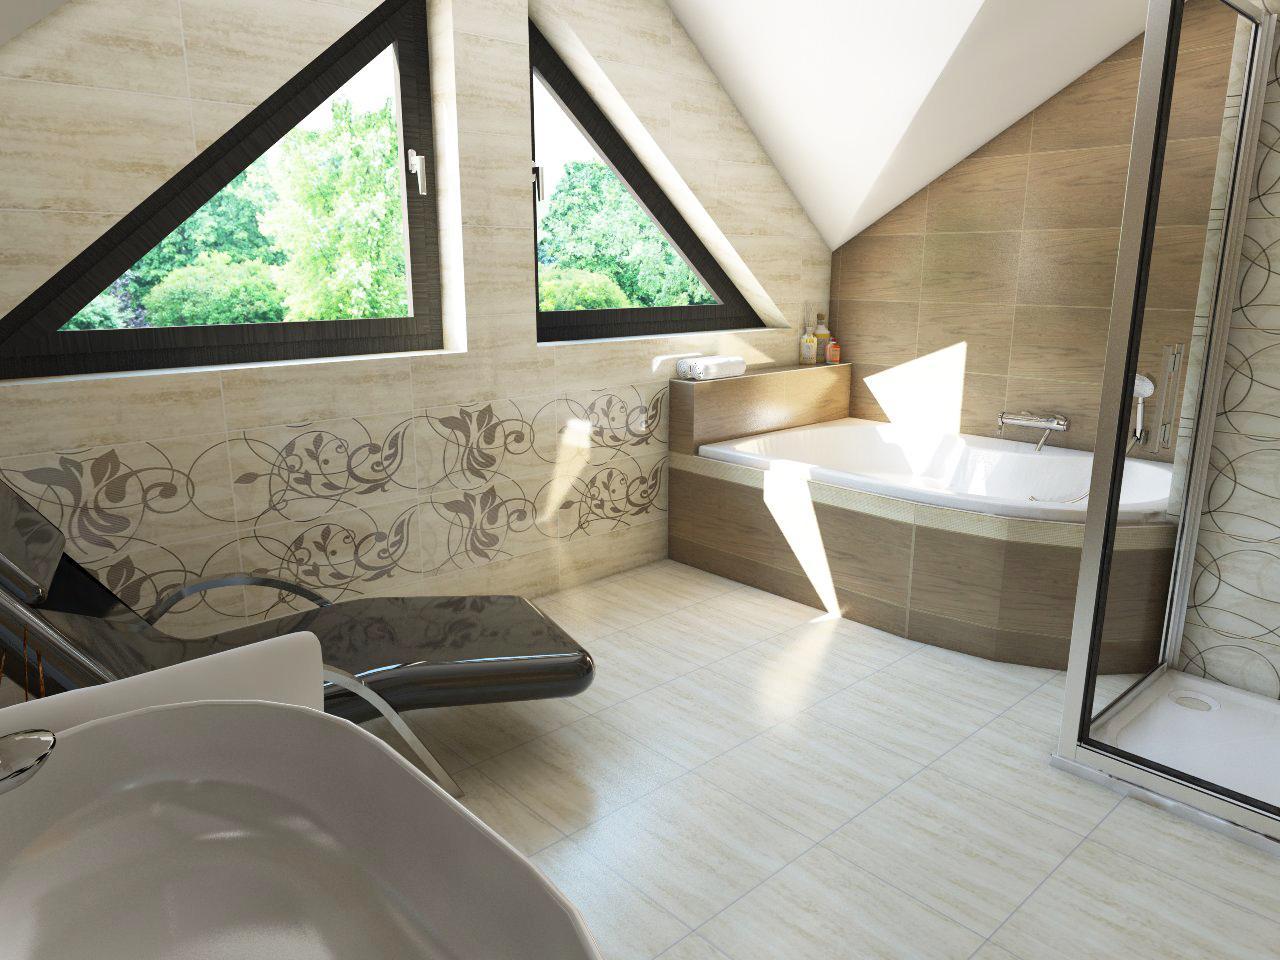 Kúpeľňové inšpirácie - Obrázok č. 35